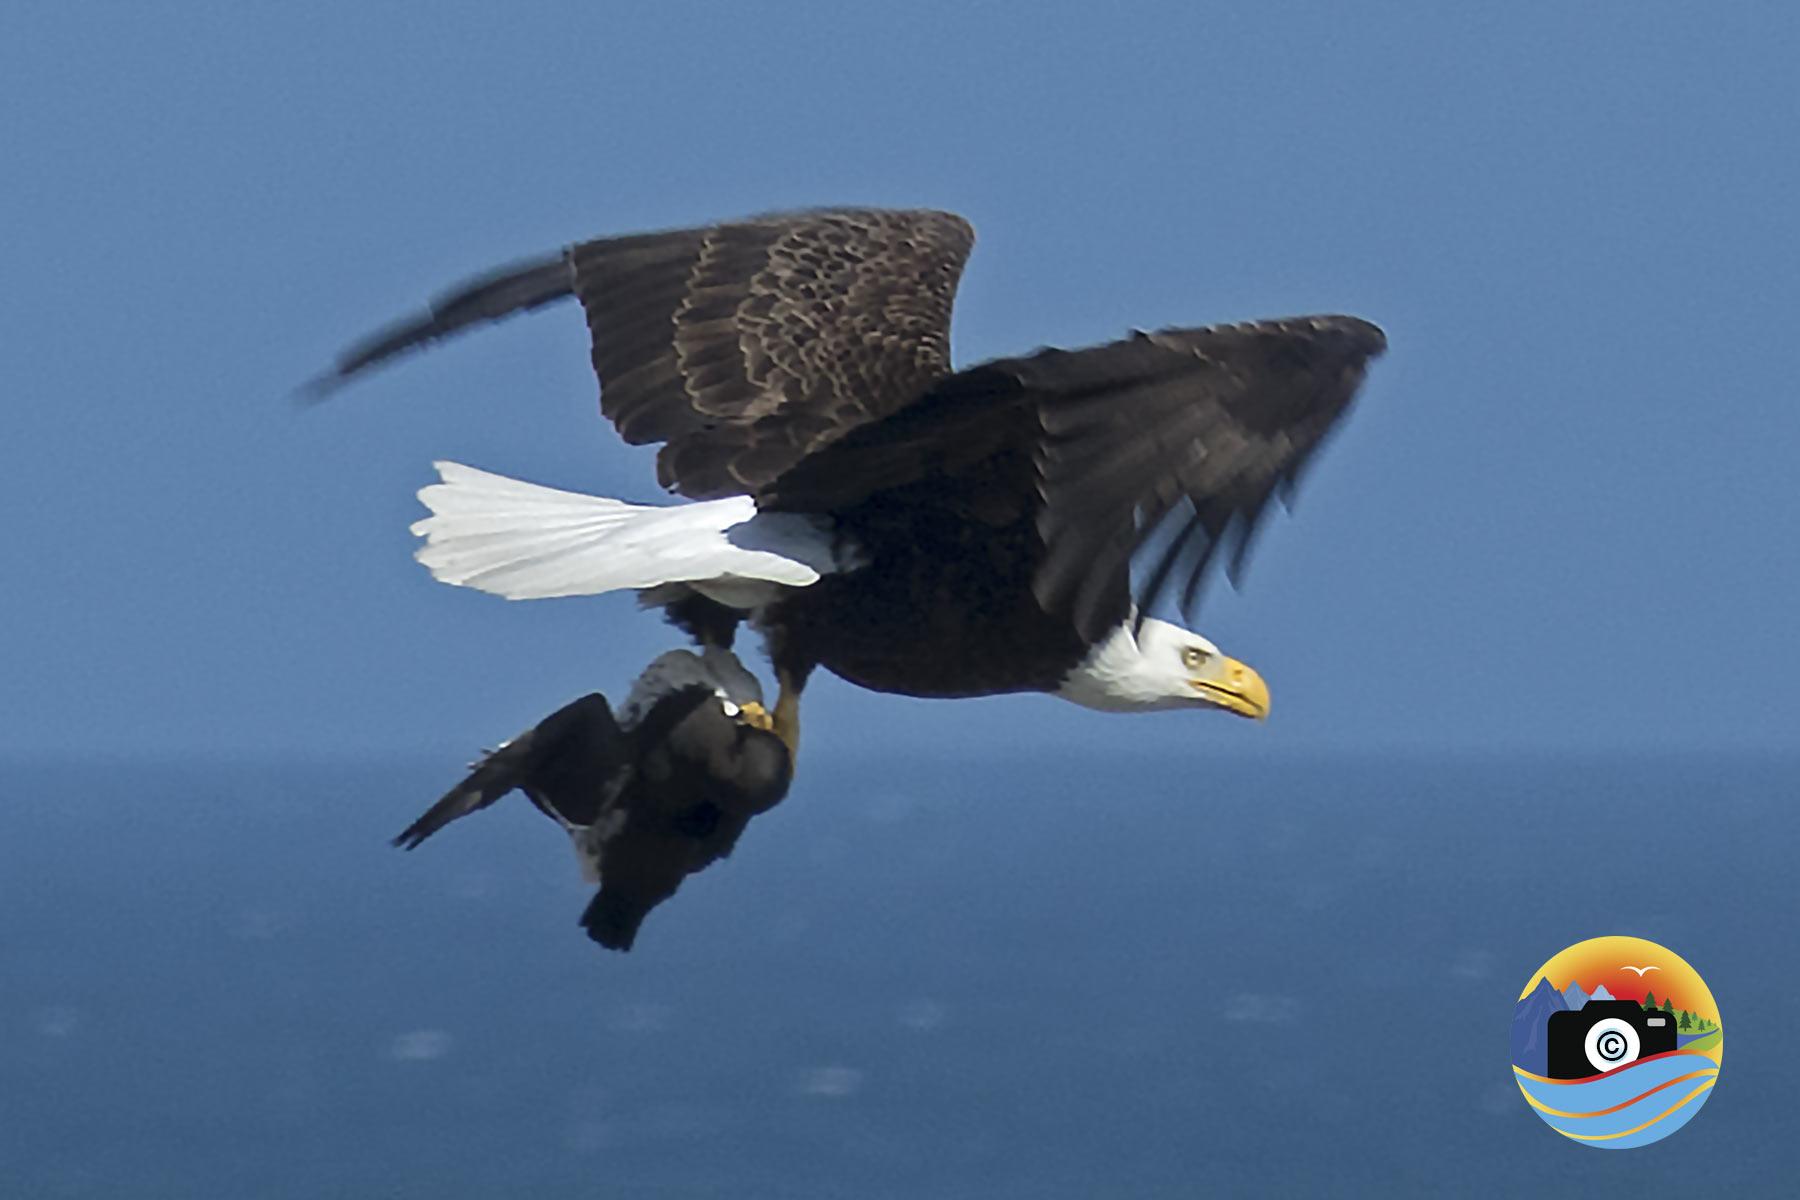 EAGLE-EATS-3